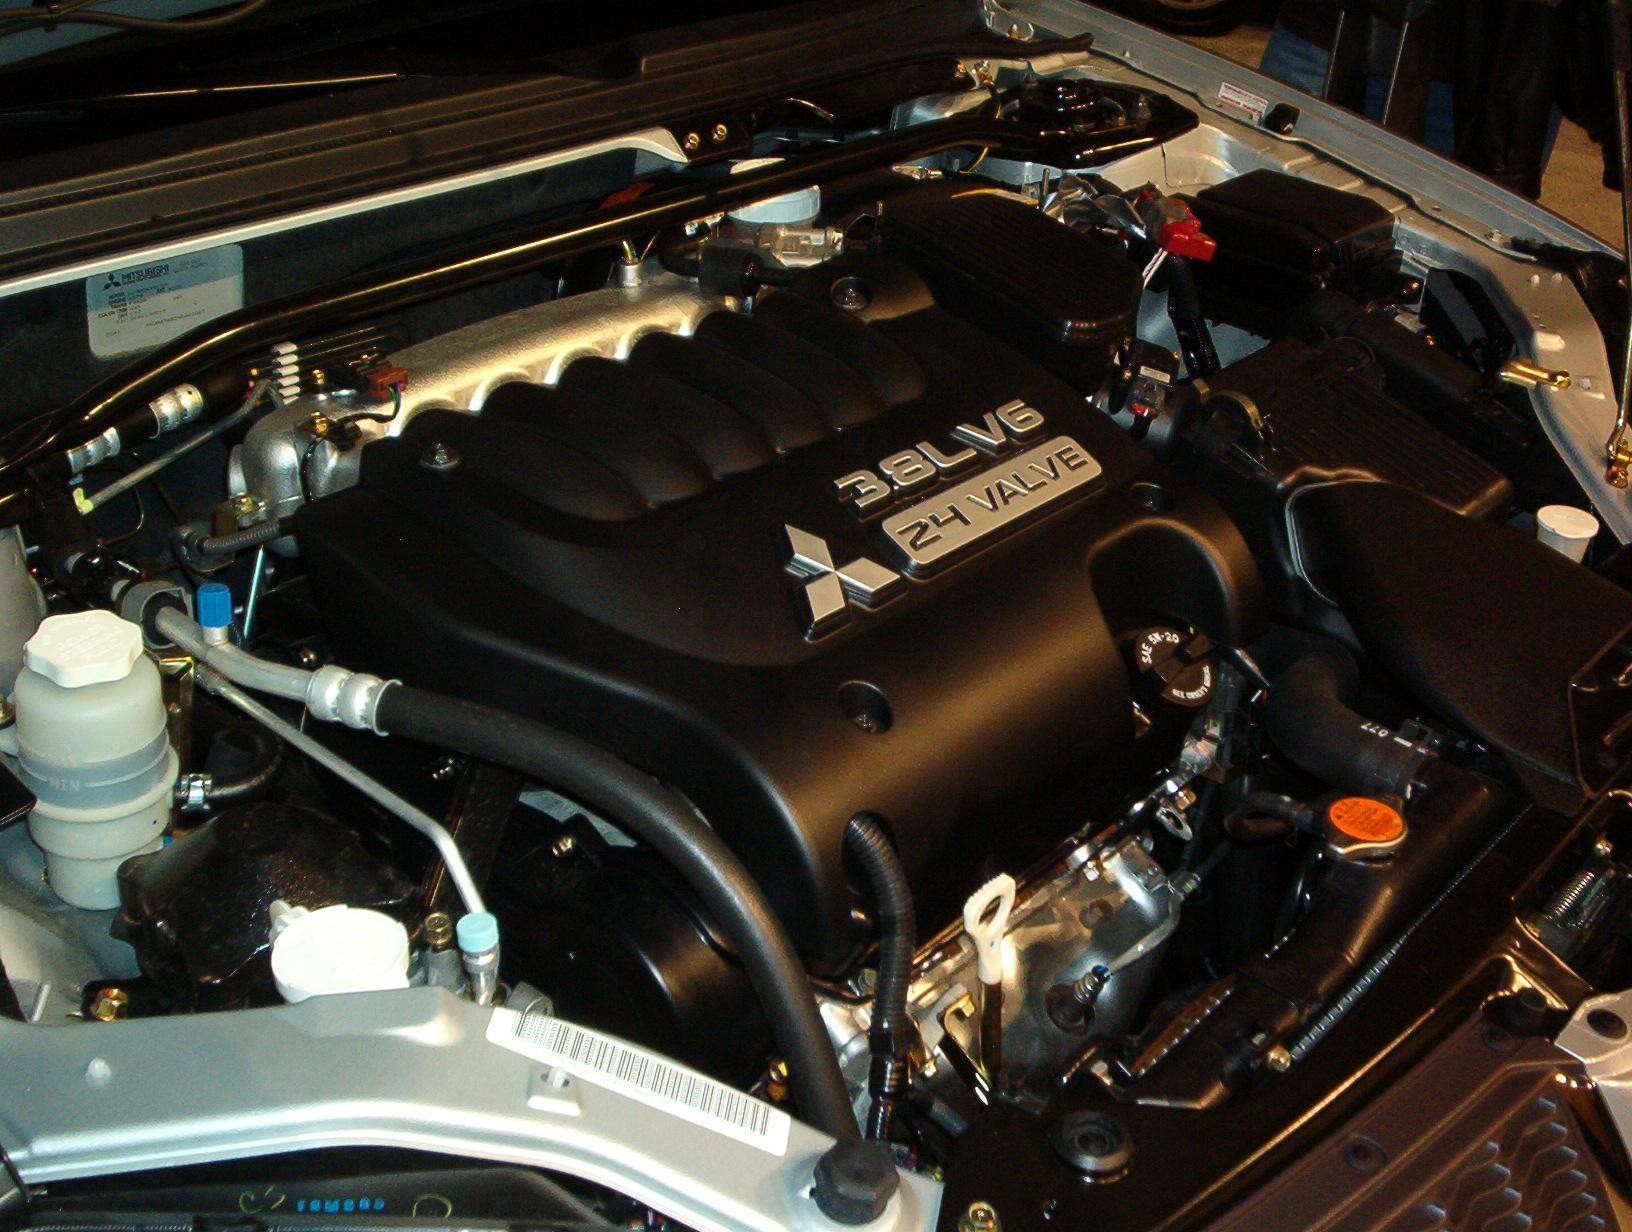 1995 mitsubishi 3000gt engine diagram 1995 mitsubishi 3000gt1995 mitsubishi 3000gt engine diagram